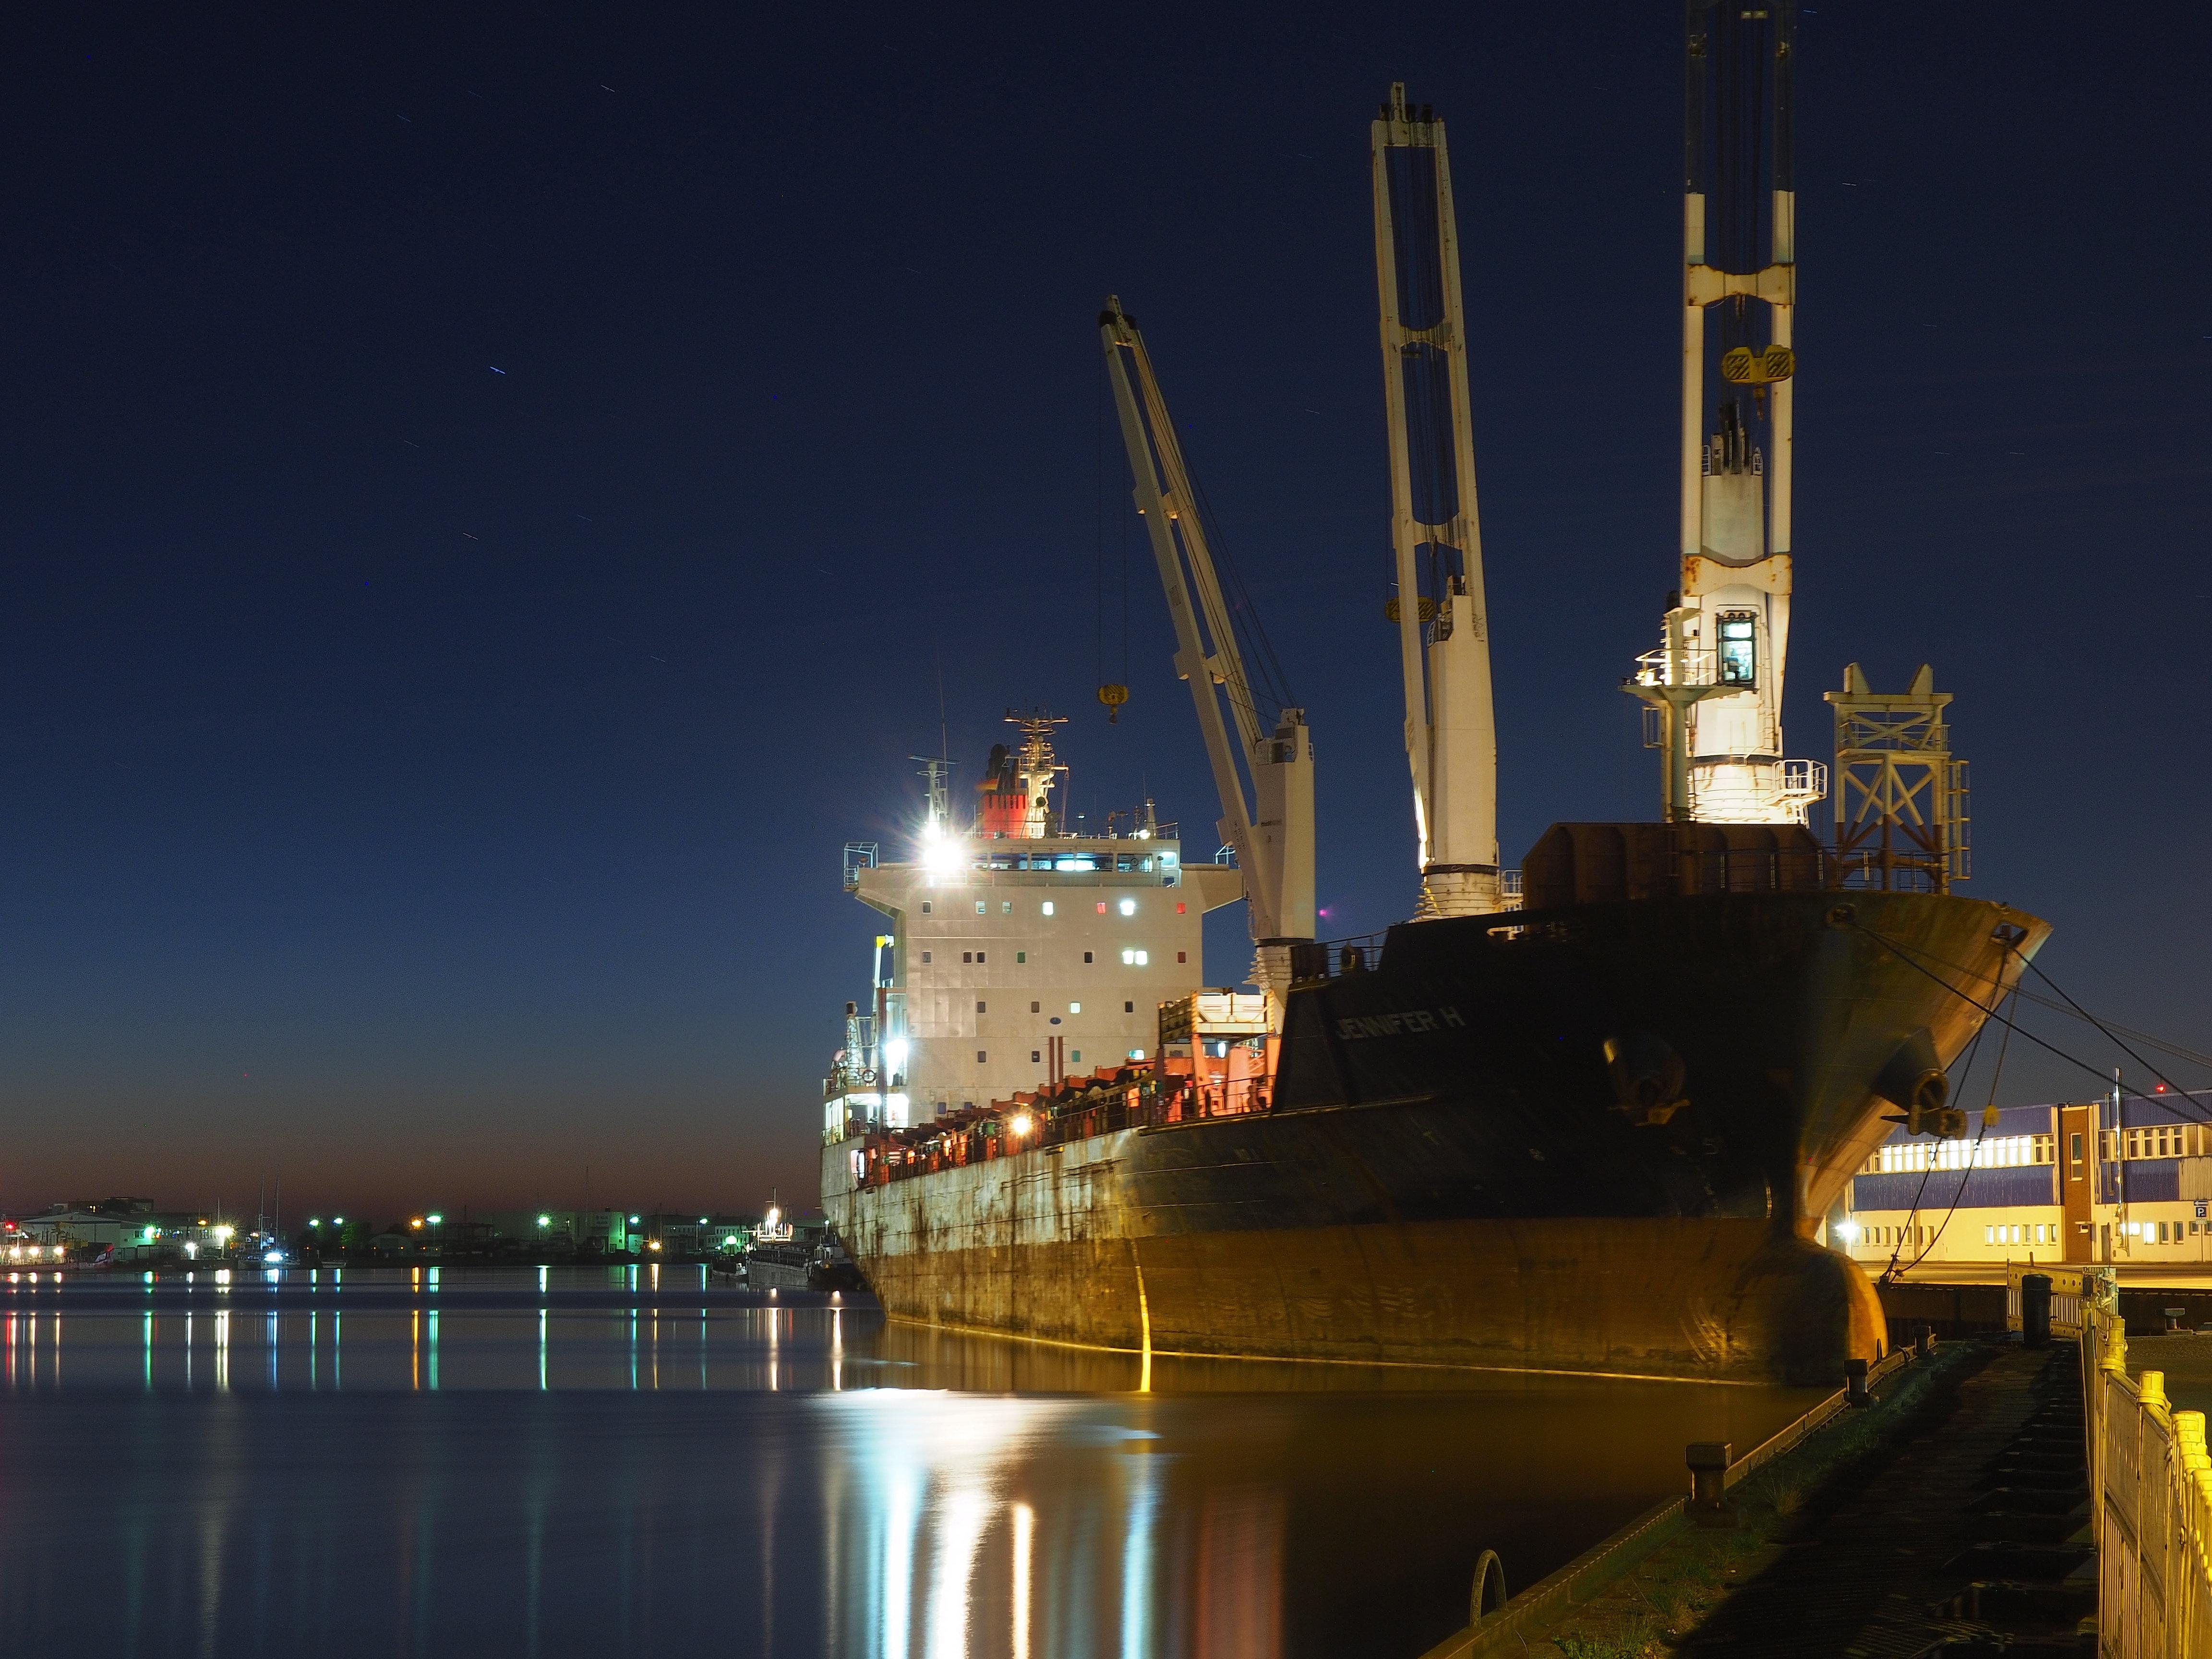 Nachts im Hafen, Fischereihafen Bremerhaven